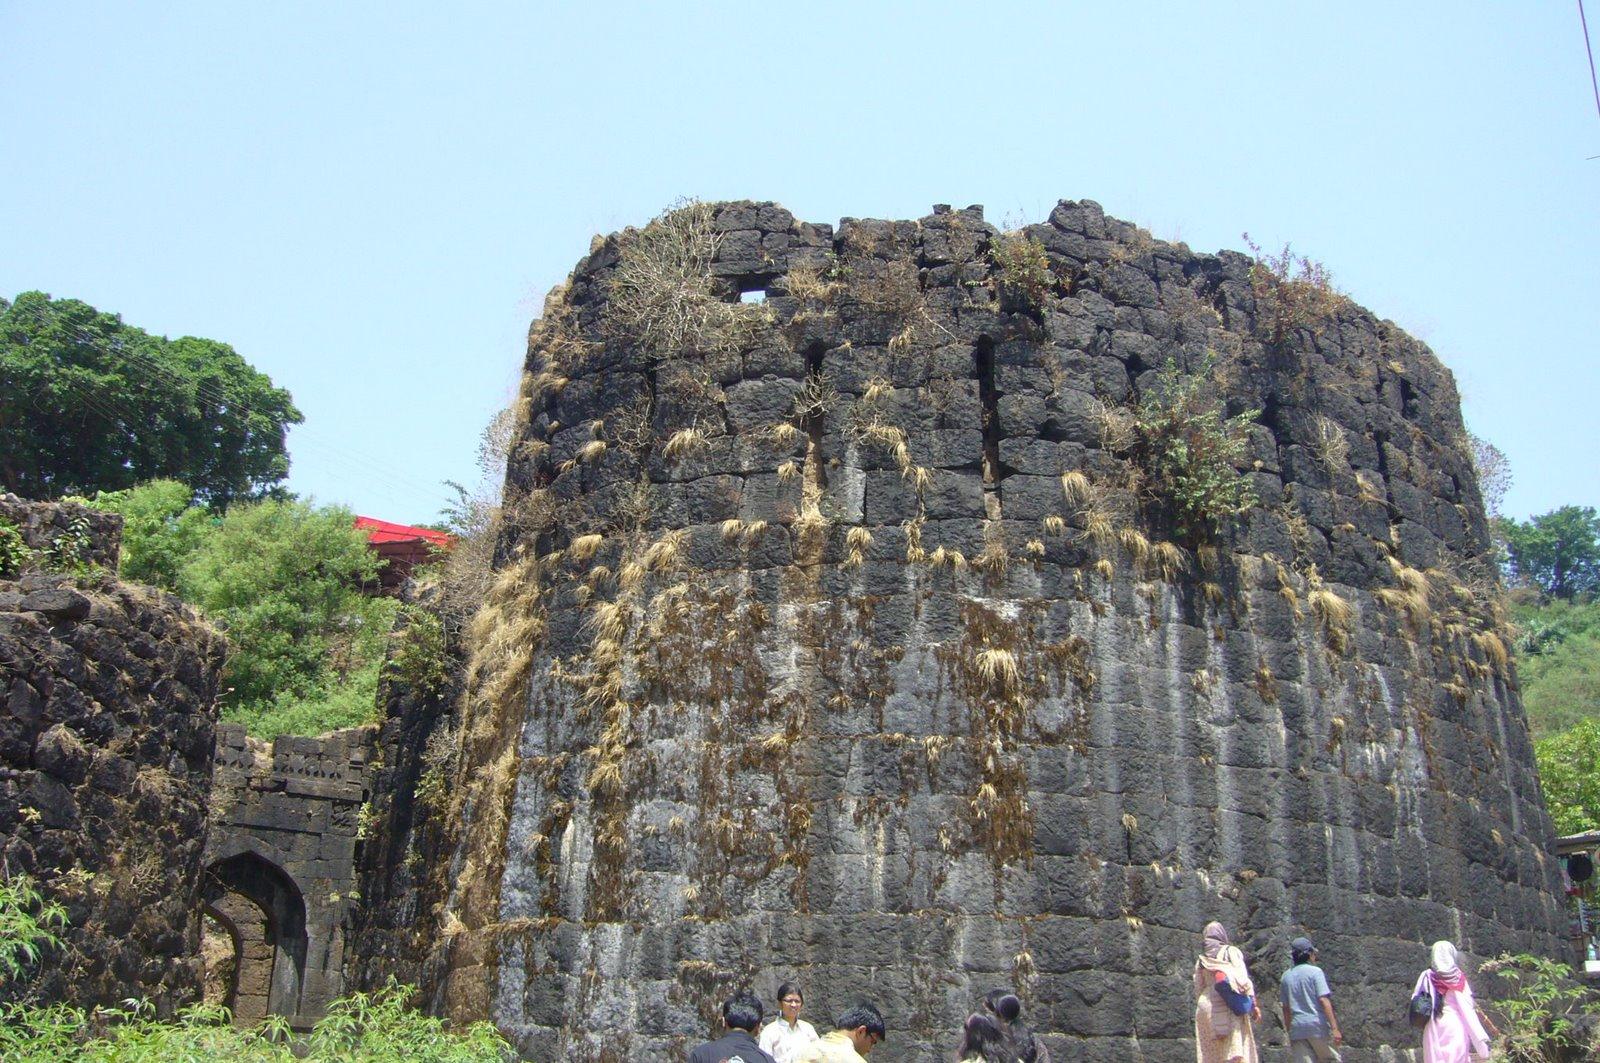 the geography of mahabaleshwar Mahabaleshwar comprises three villages: malcolm peth, old kshetra mahabaleshwar and part of the shindola village mahabaleshwar is the source of the krishna river that flows across maharashtra, karnataka and andhra pradesh.